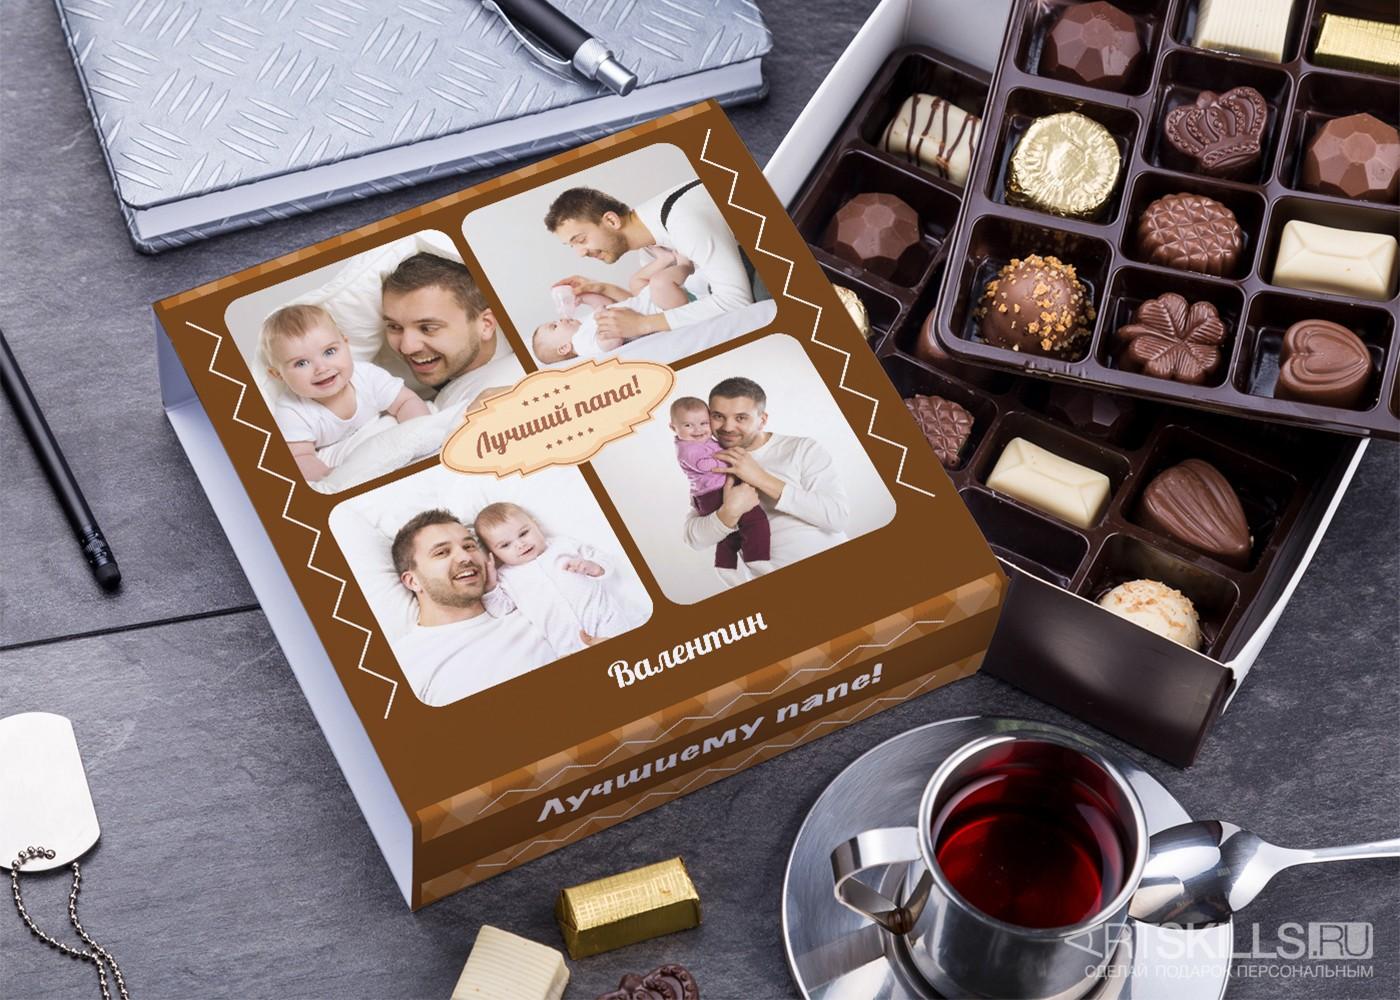 Бельгийский шоколад в подарочной упаковке Лучшему папе